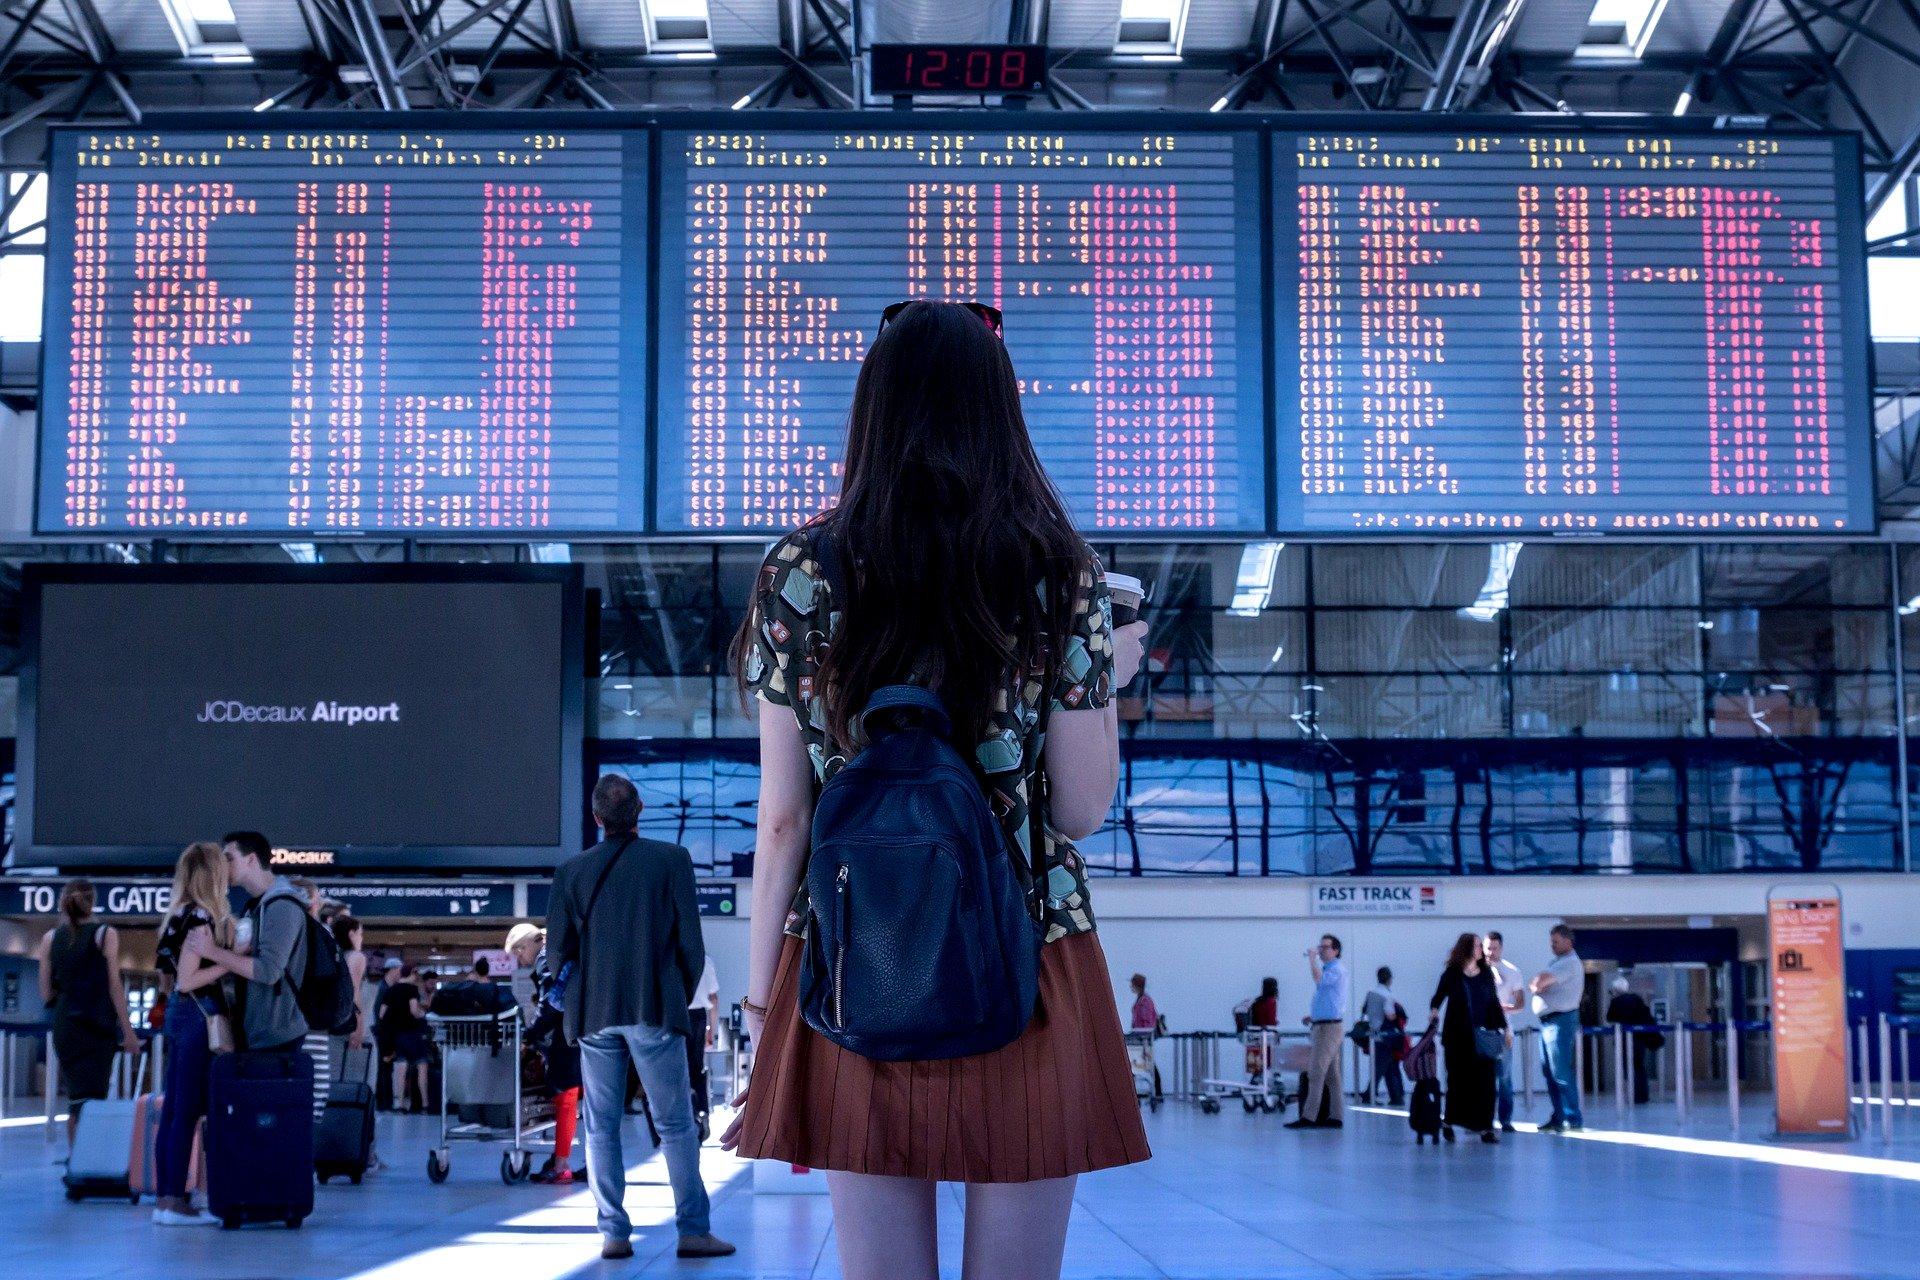 Mulher de costas olhando para painel de voos no aeroporto.